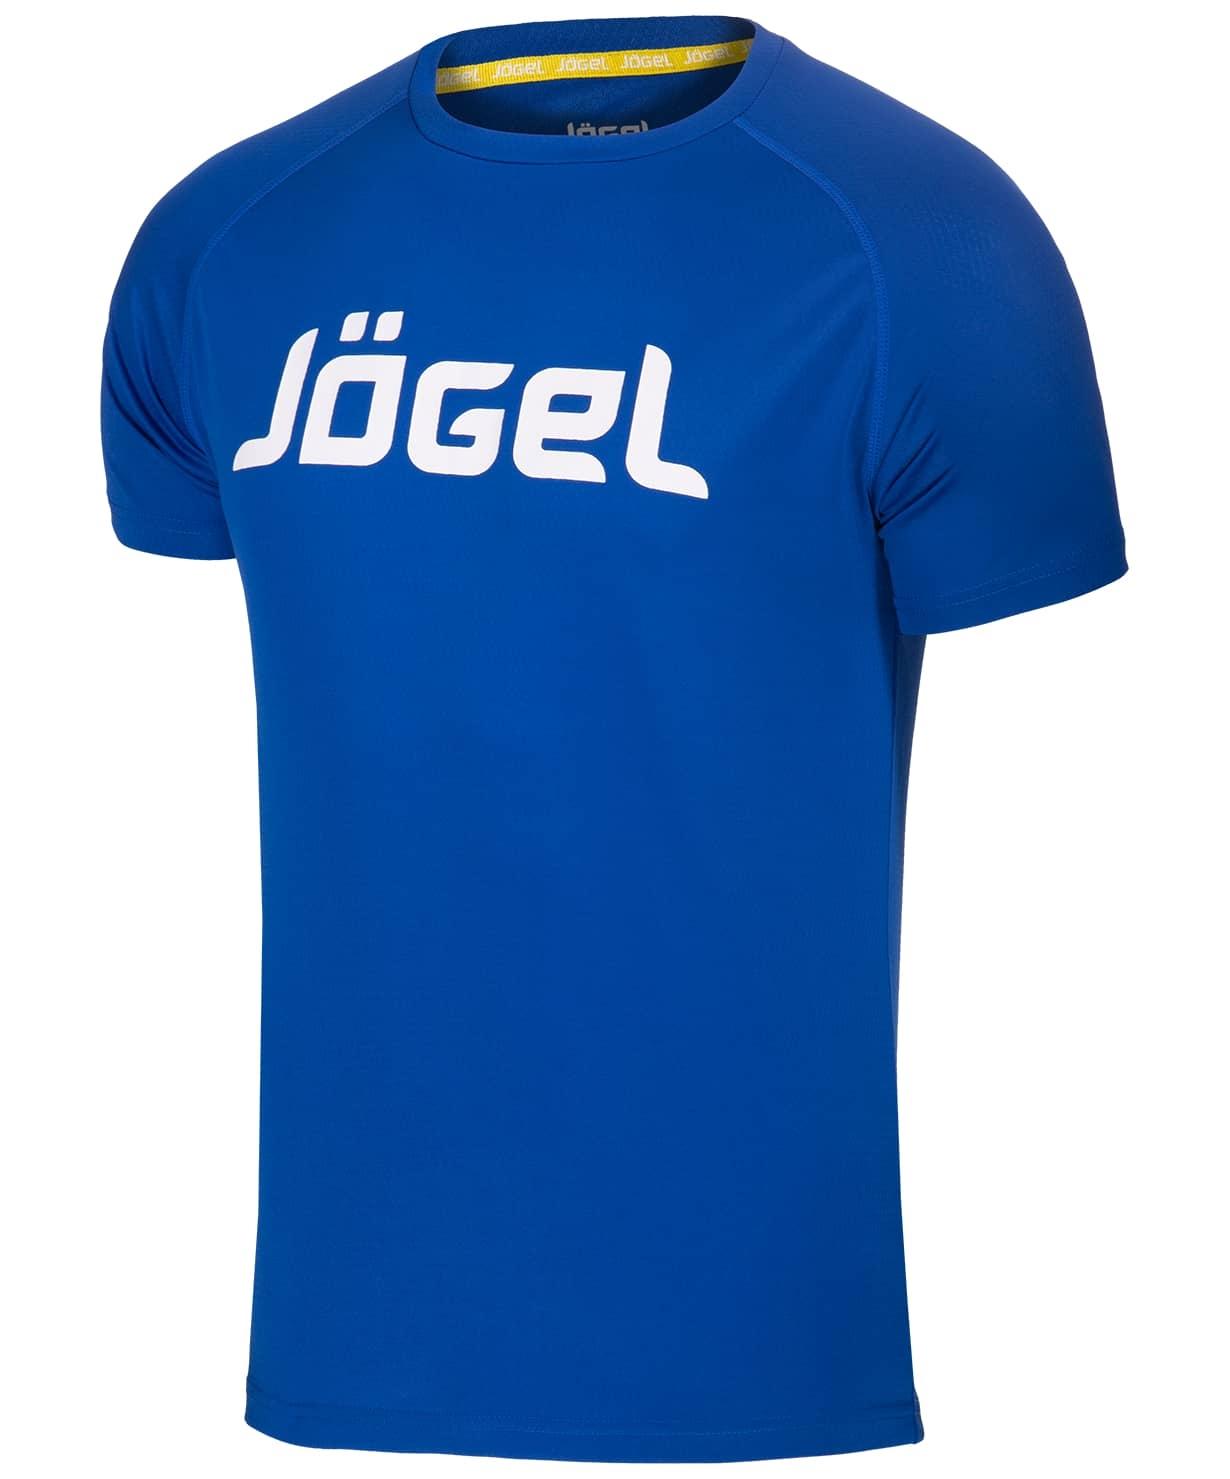 Футболка тренировочная JTT-1041-079, полиэстер, синий/белый